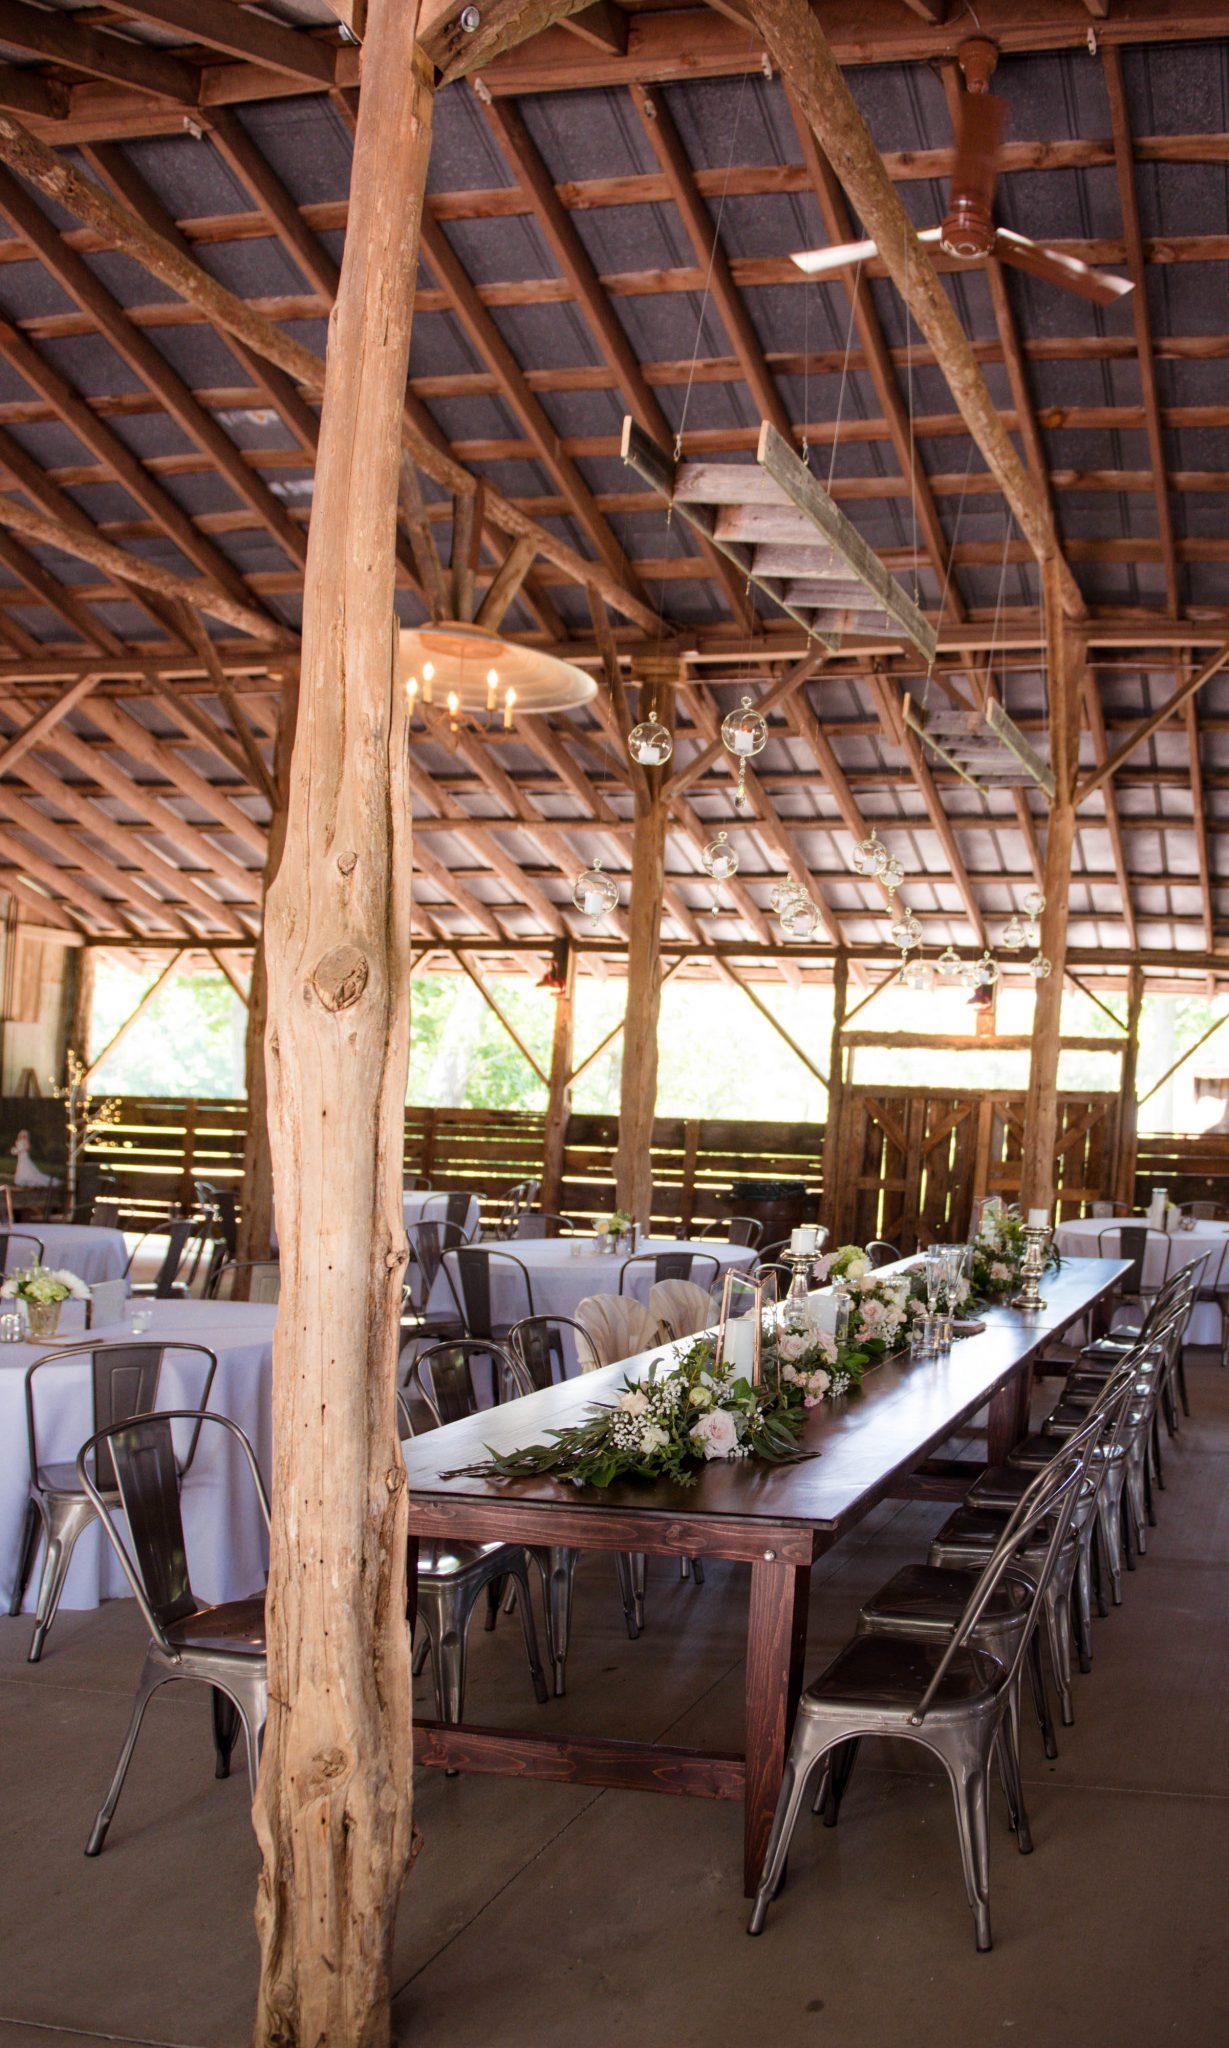 The Pole Barn - Summerfield Farms